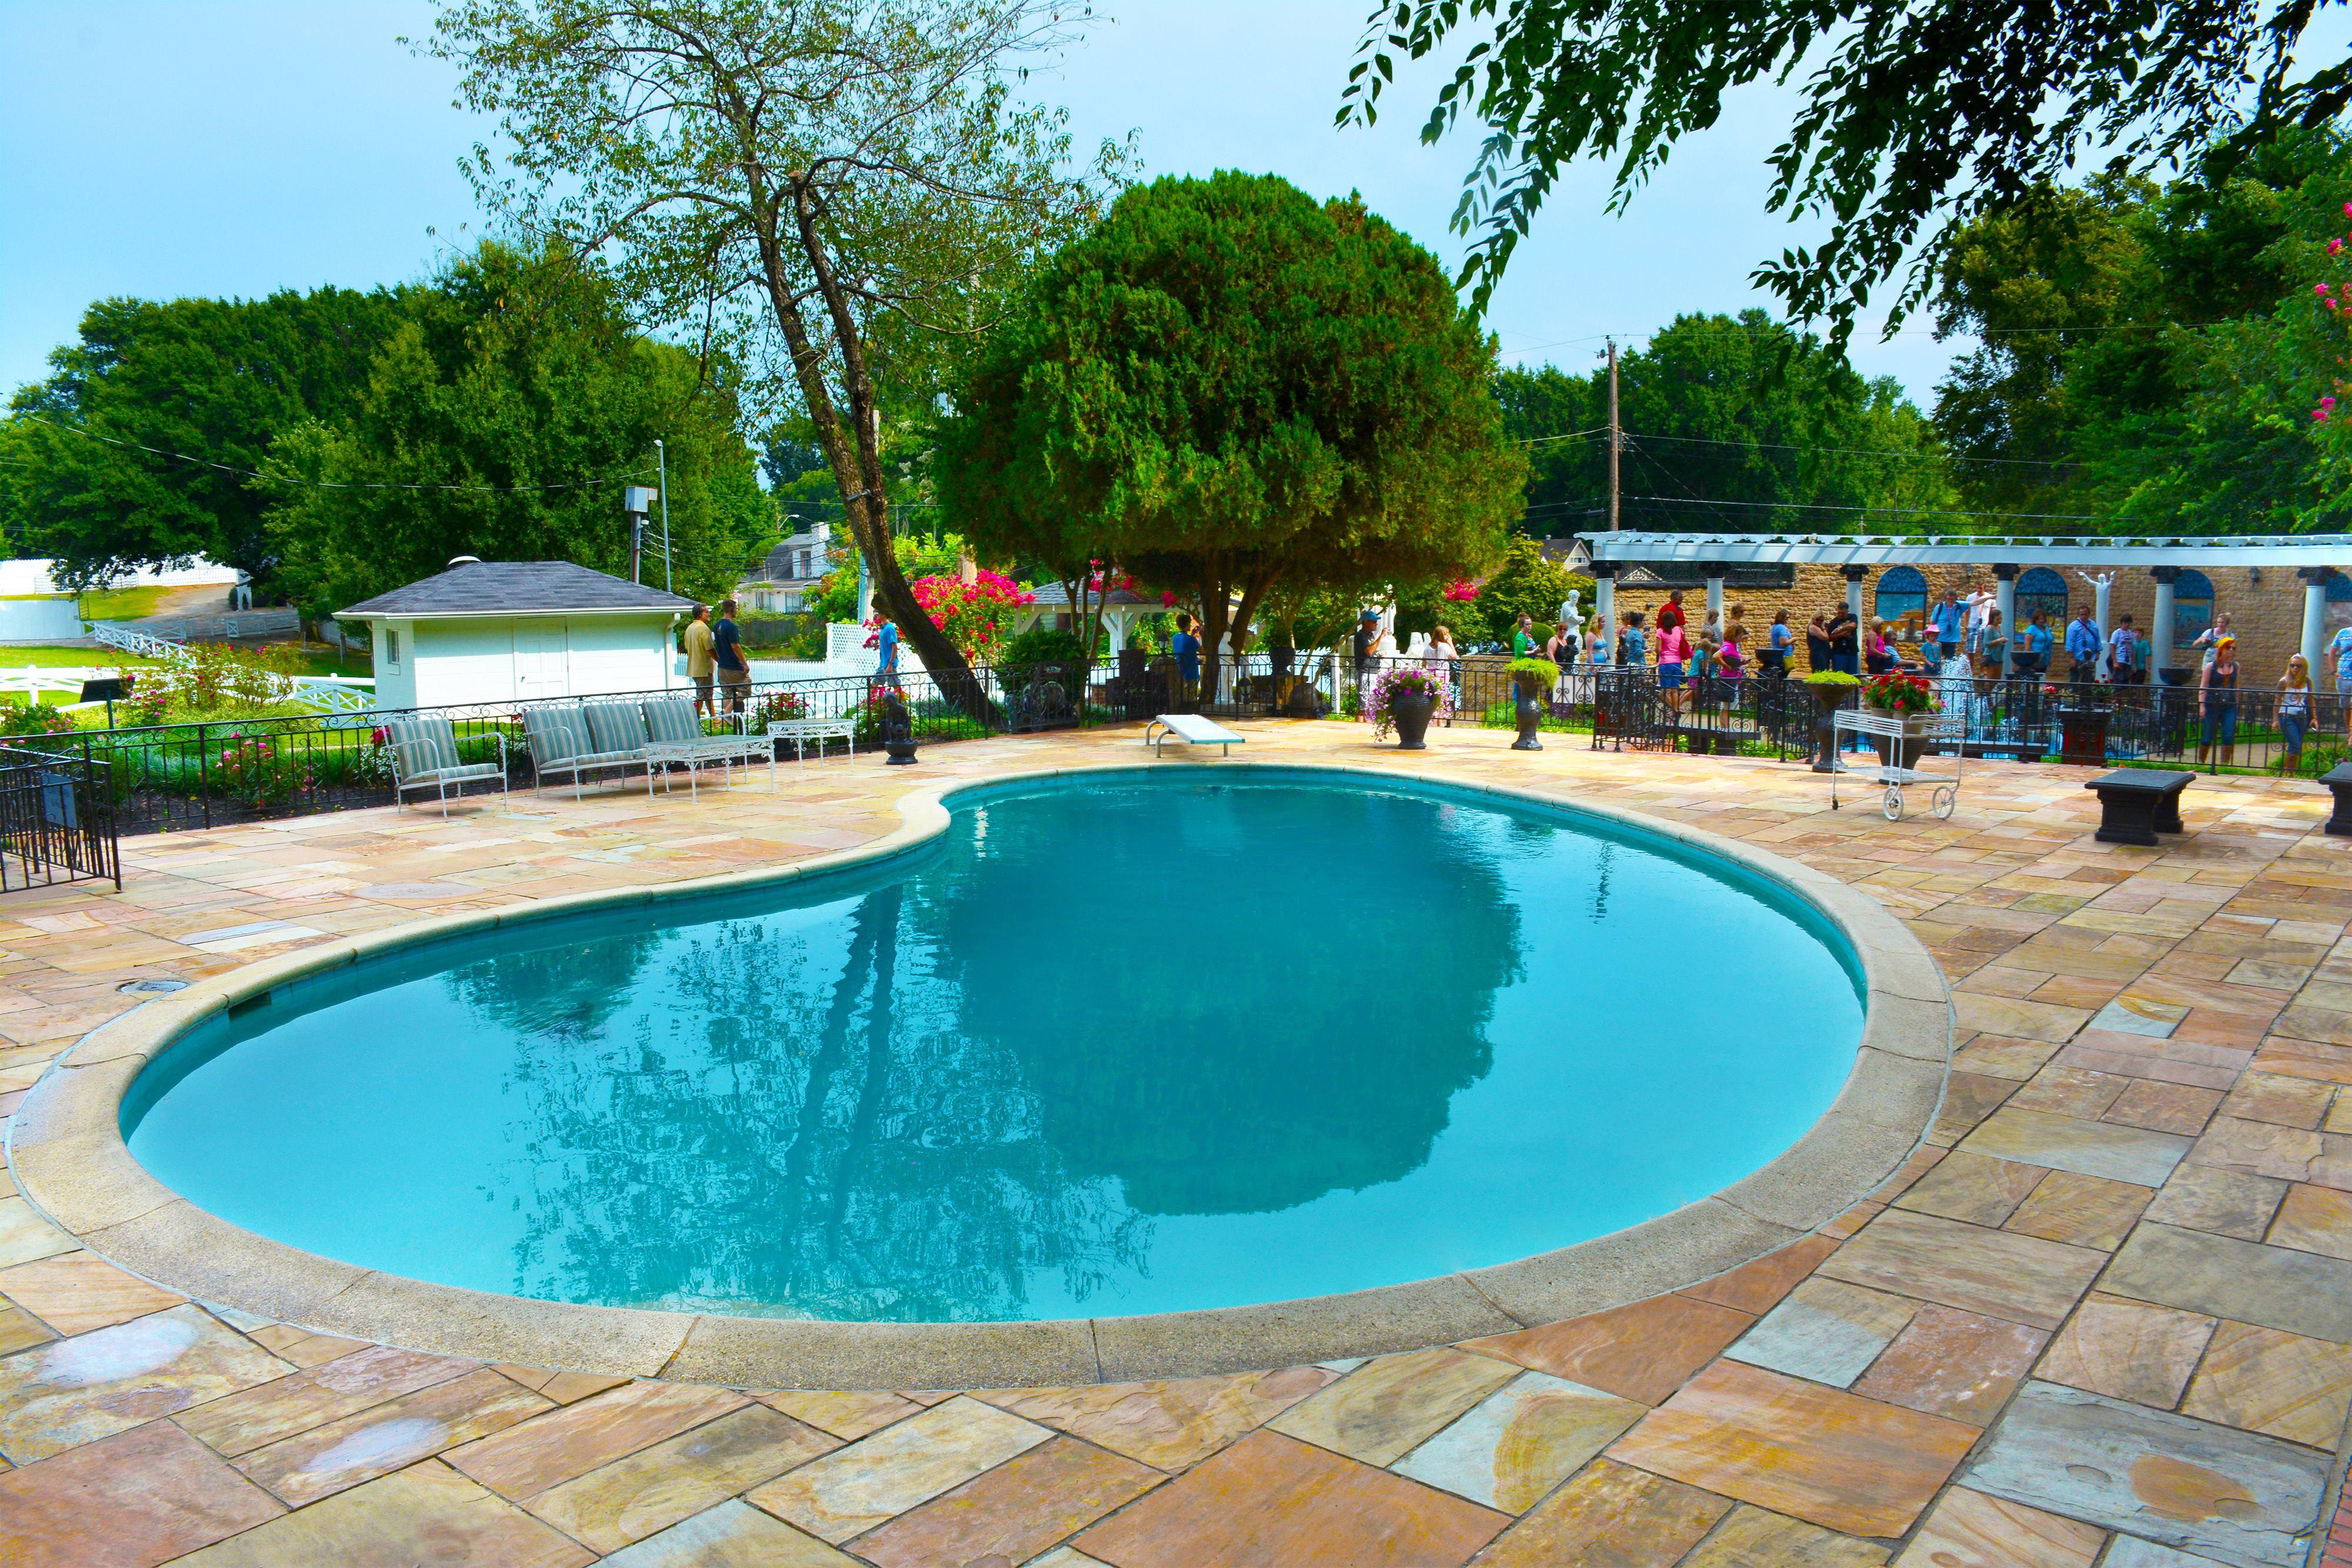 Elvis Presley S Pool Is Well Preserved Pool Spa News Maintenance Pool Covers Pools